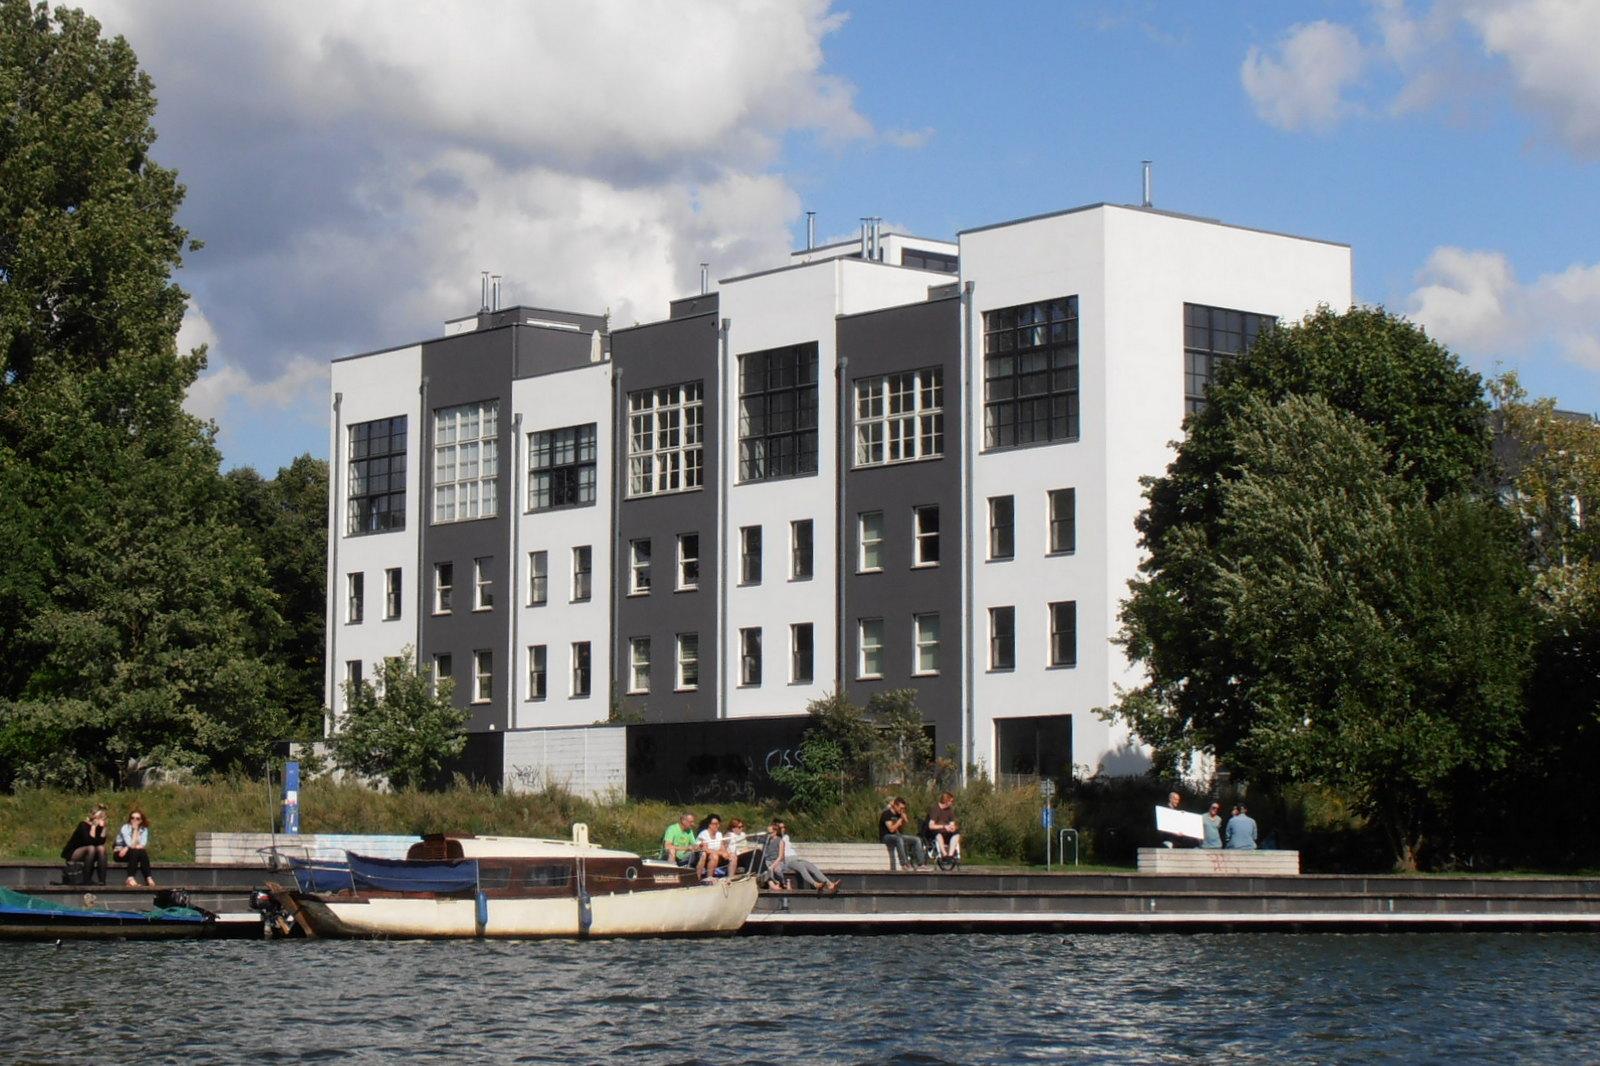 immobilien in berlin mitte bei engel v lkers engel v lkers. Black Bedroom Furniture Sets. Home Design Ideas